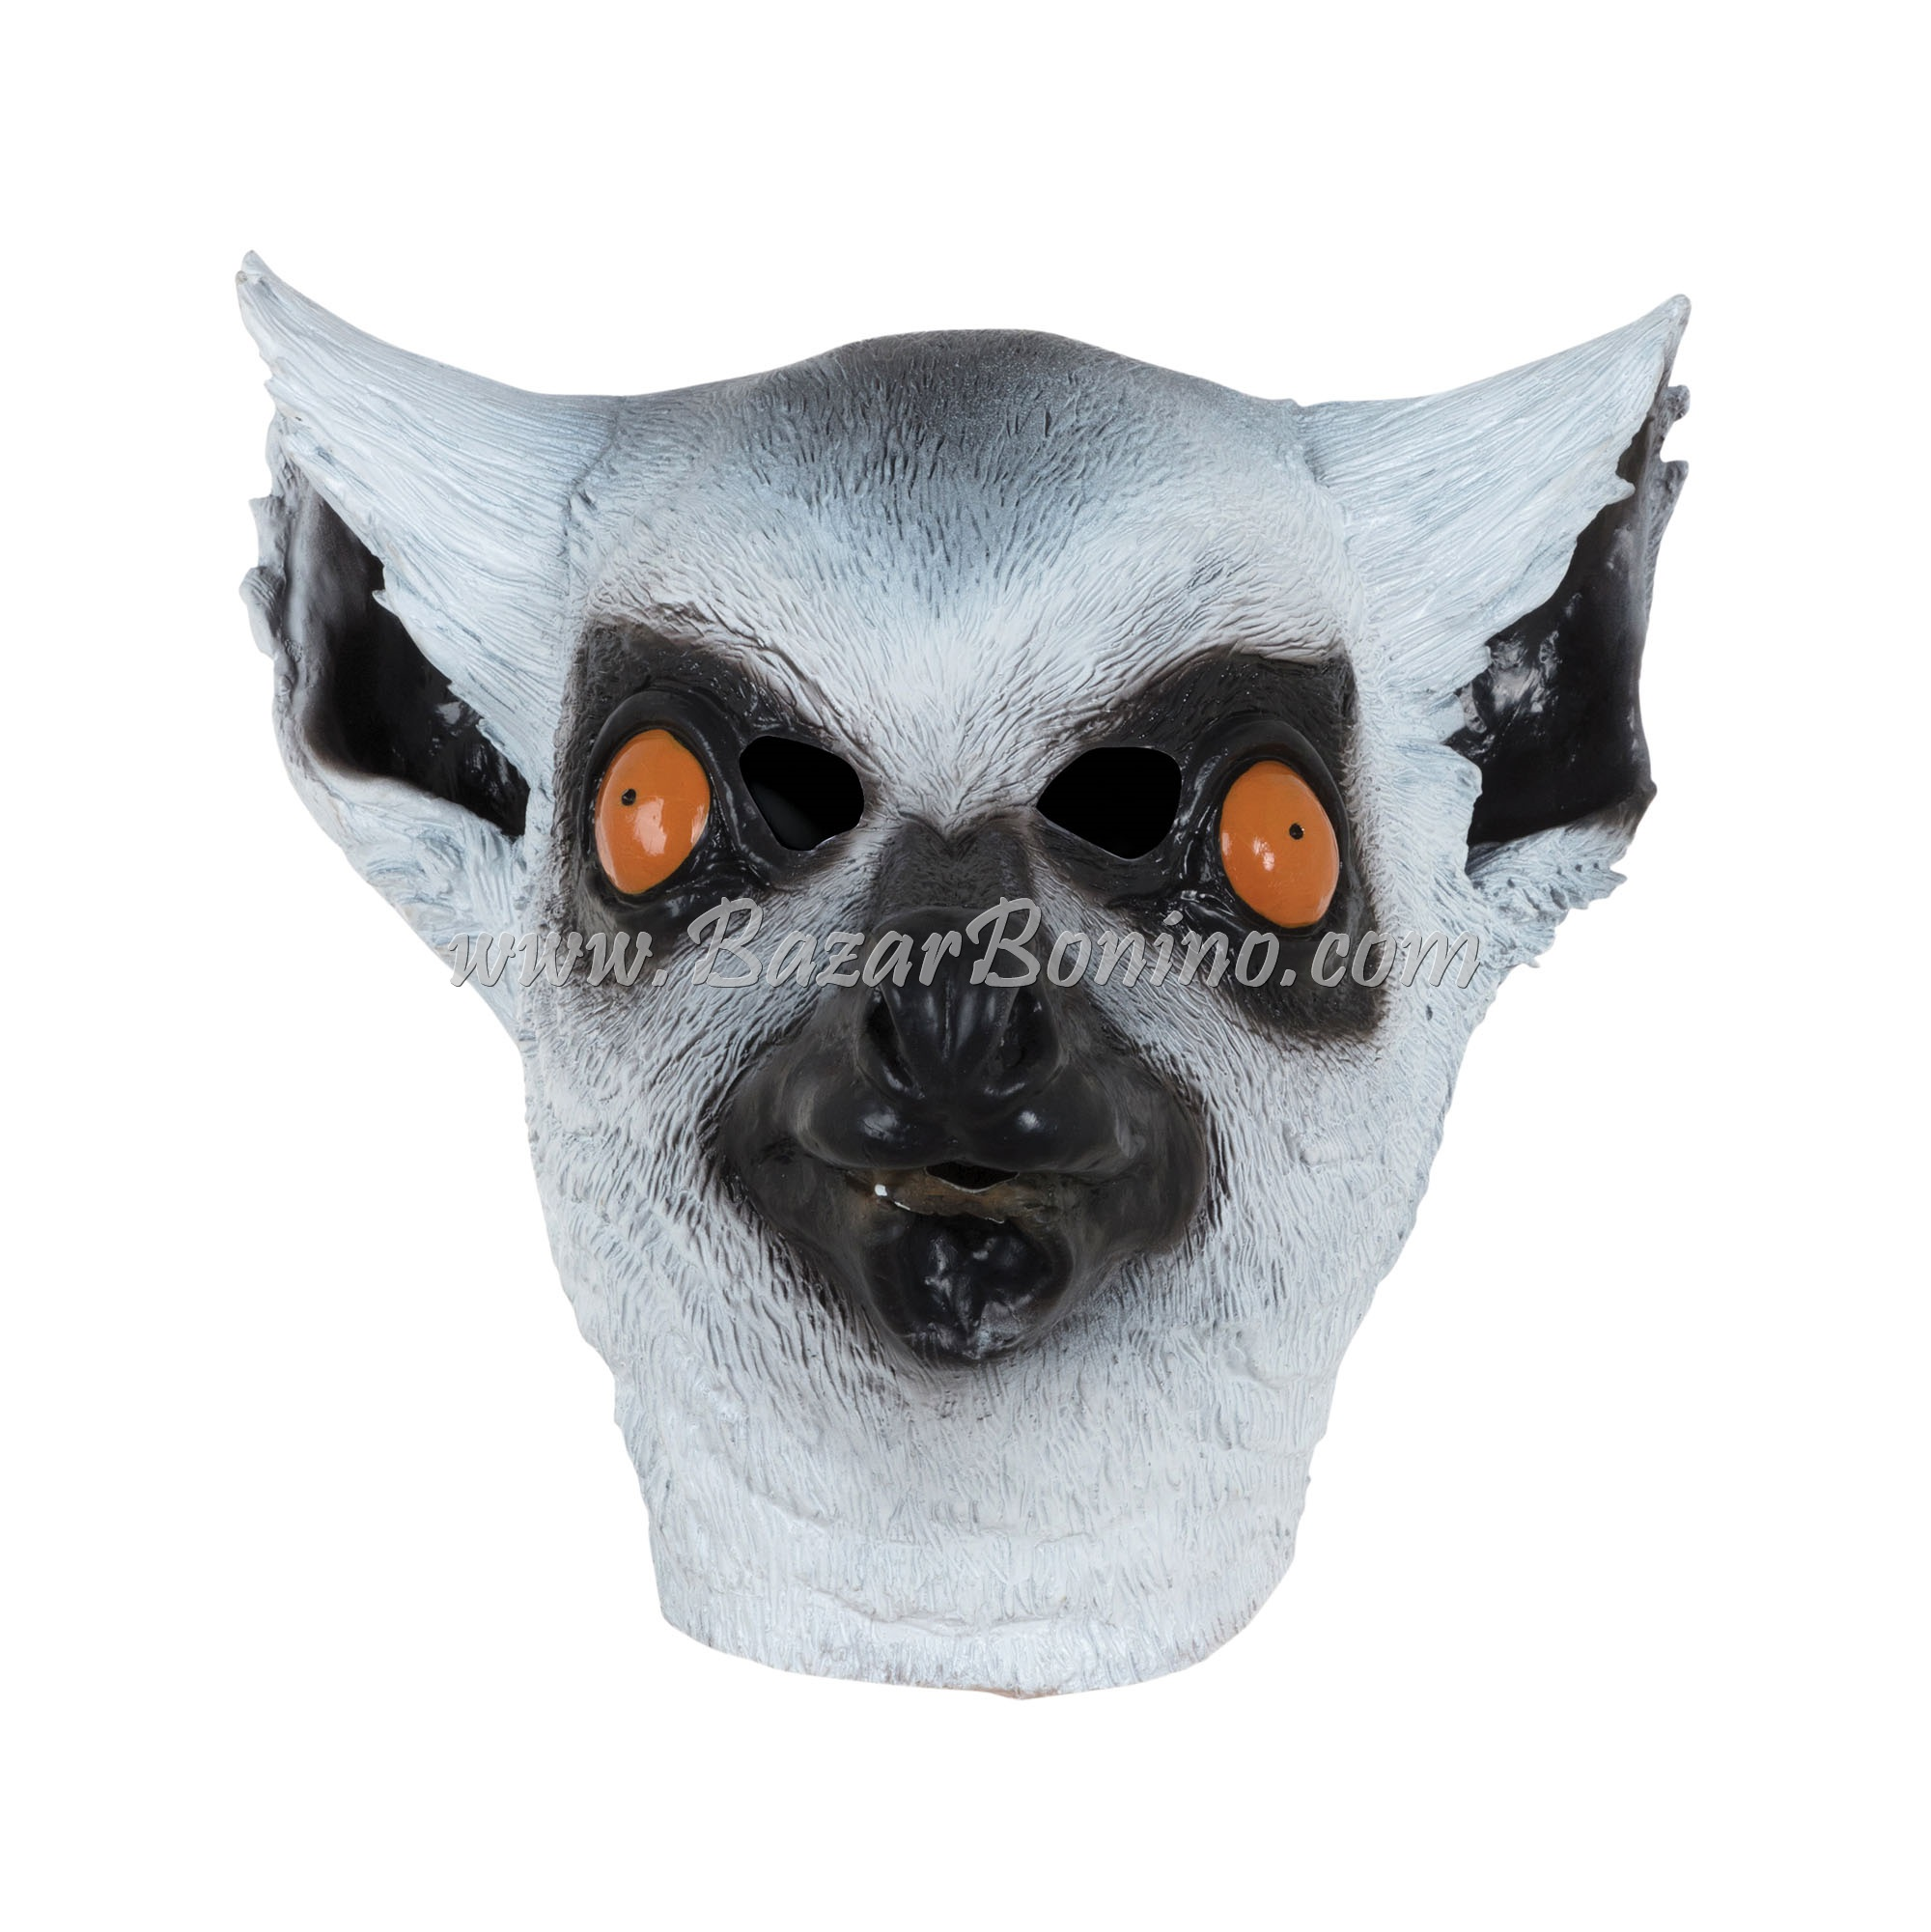 BM0533 - Maschera Lemure Lattice